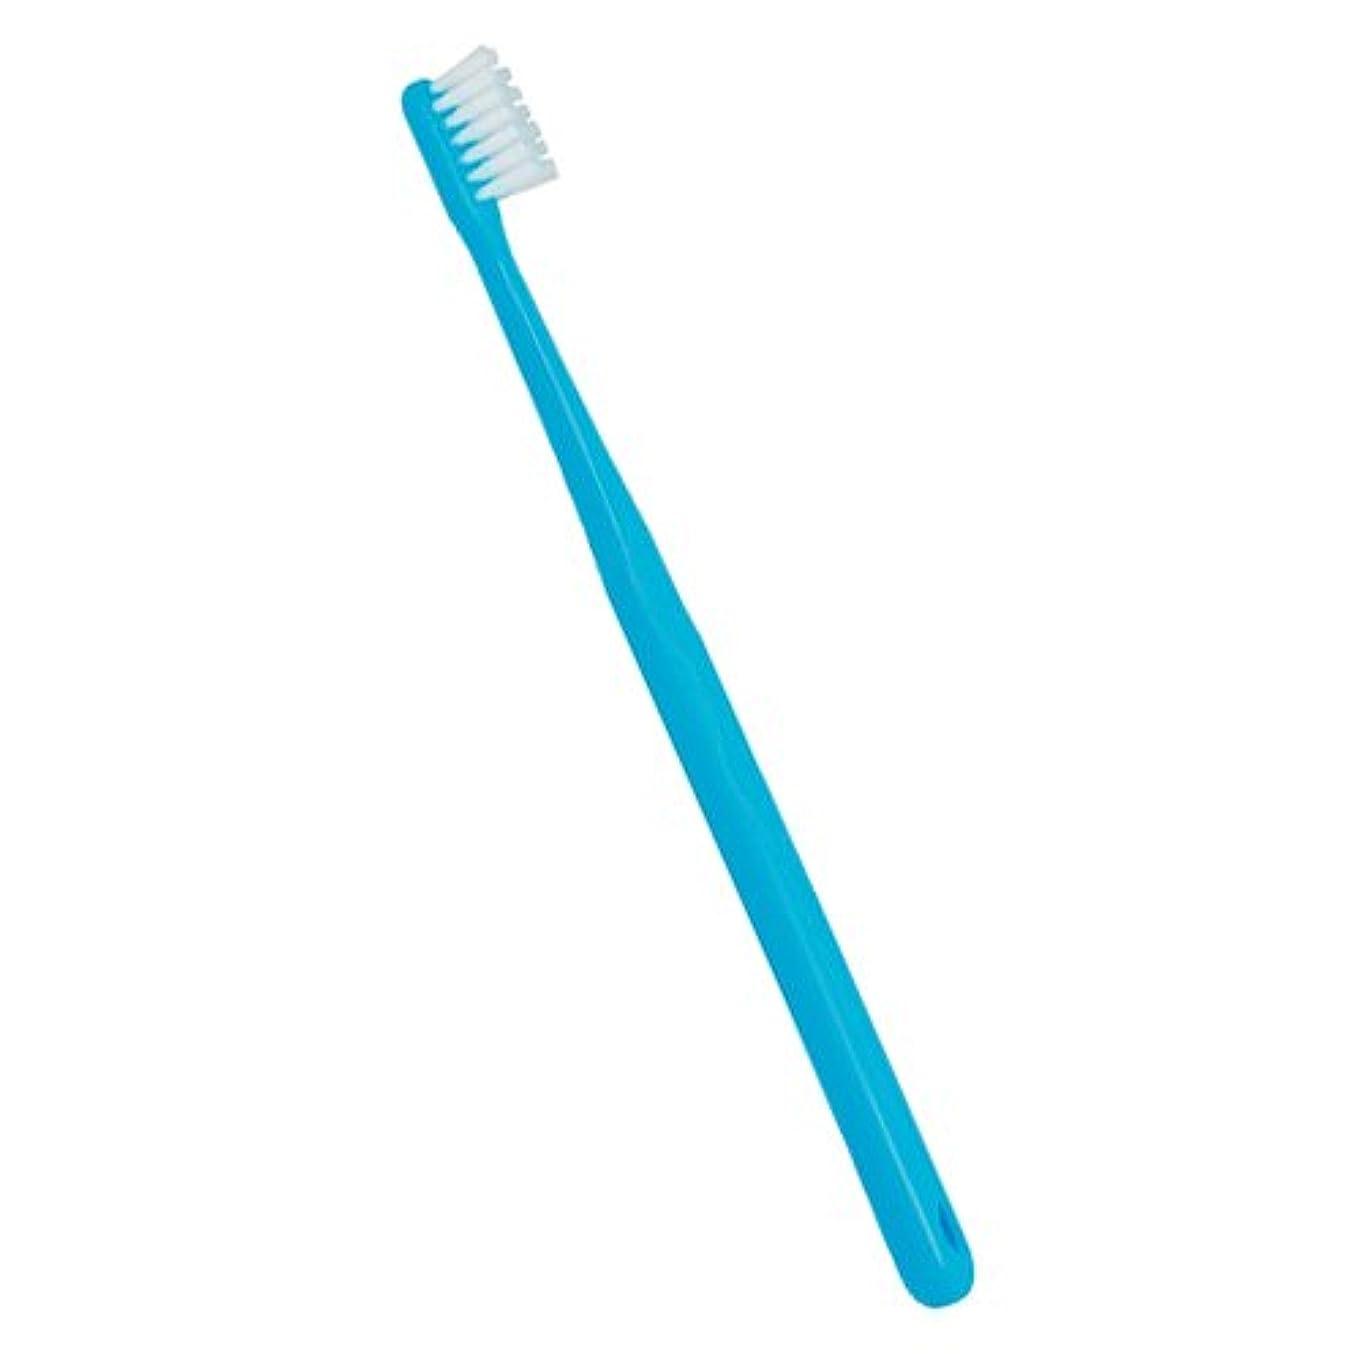 線形疑わしい葉を拾うCiメディカル 歯ブラシ Ci702(フラットタイプ) 1本(M ふつう(ブルー))